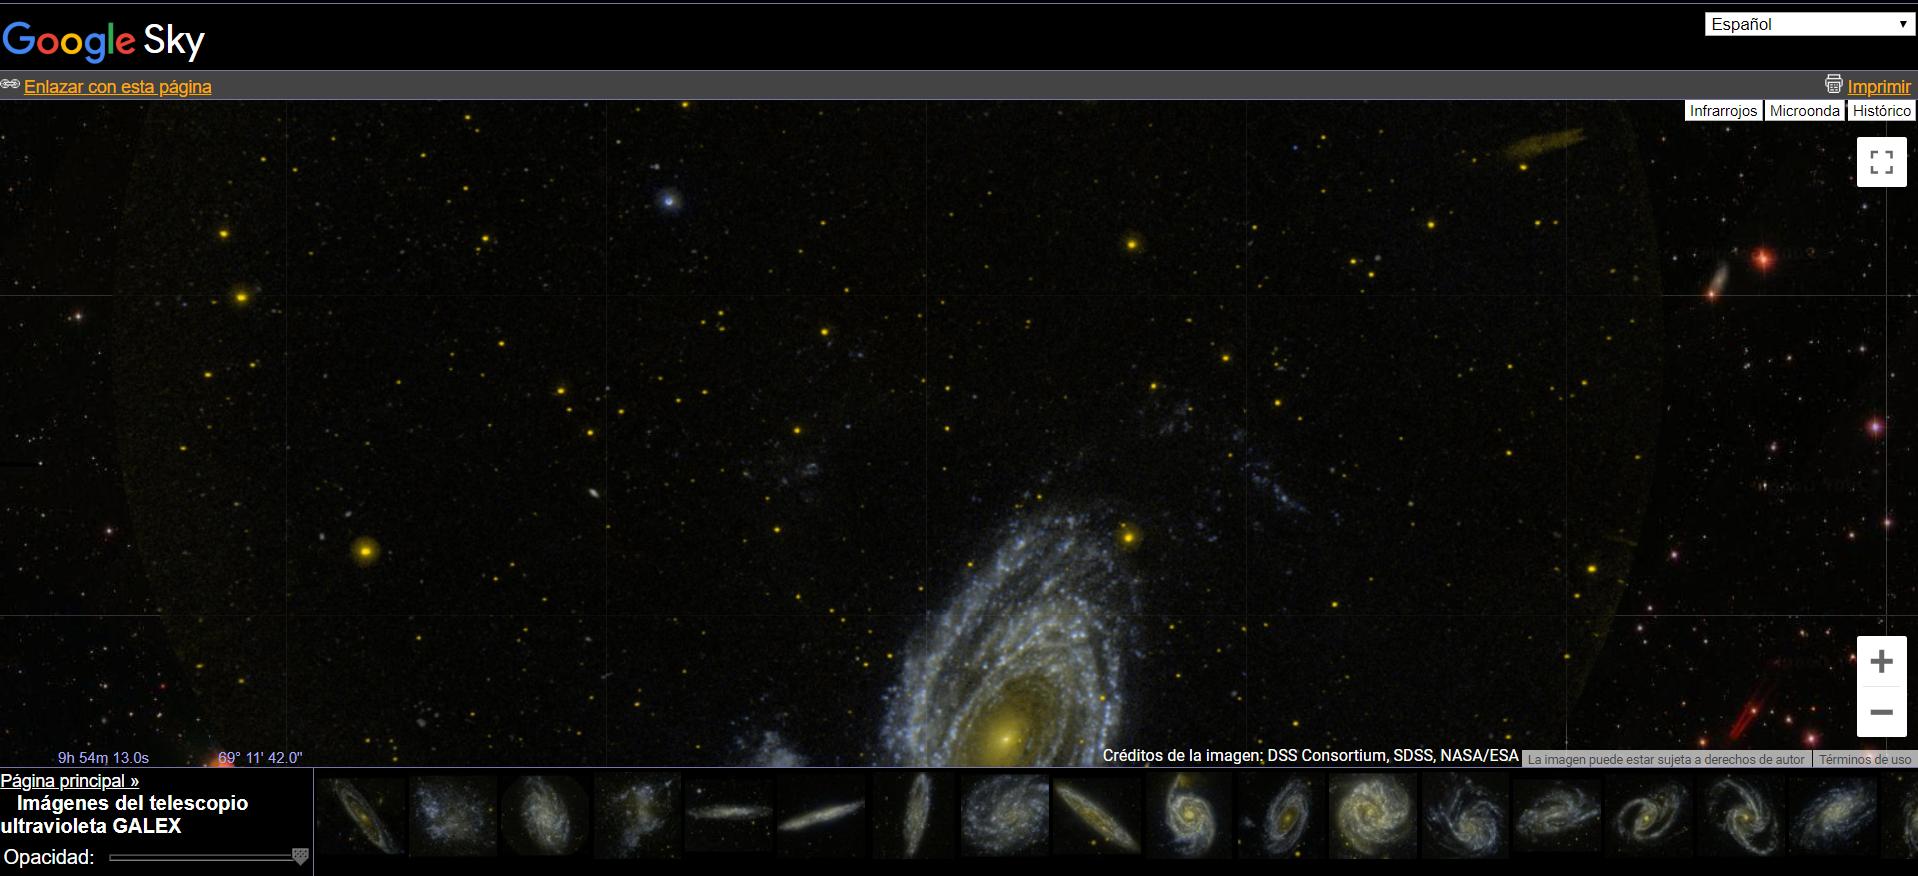 Google Sky - Programas de astronomía